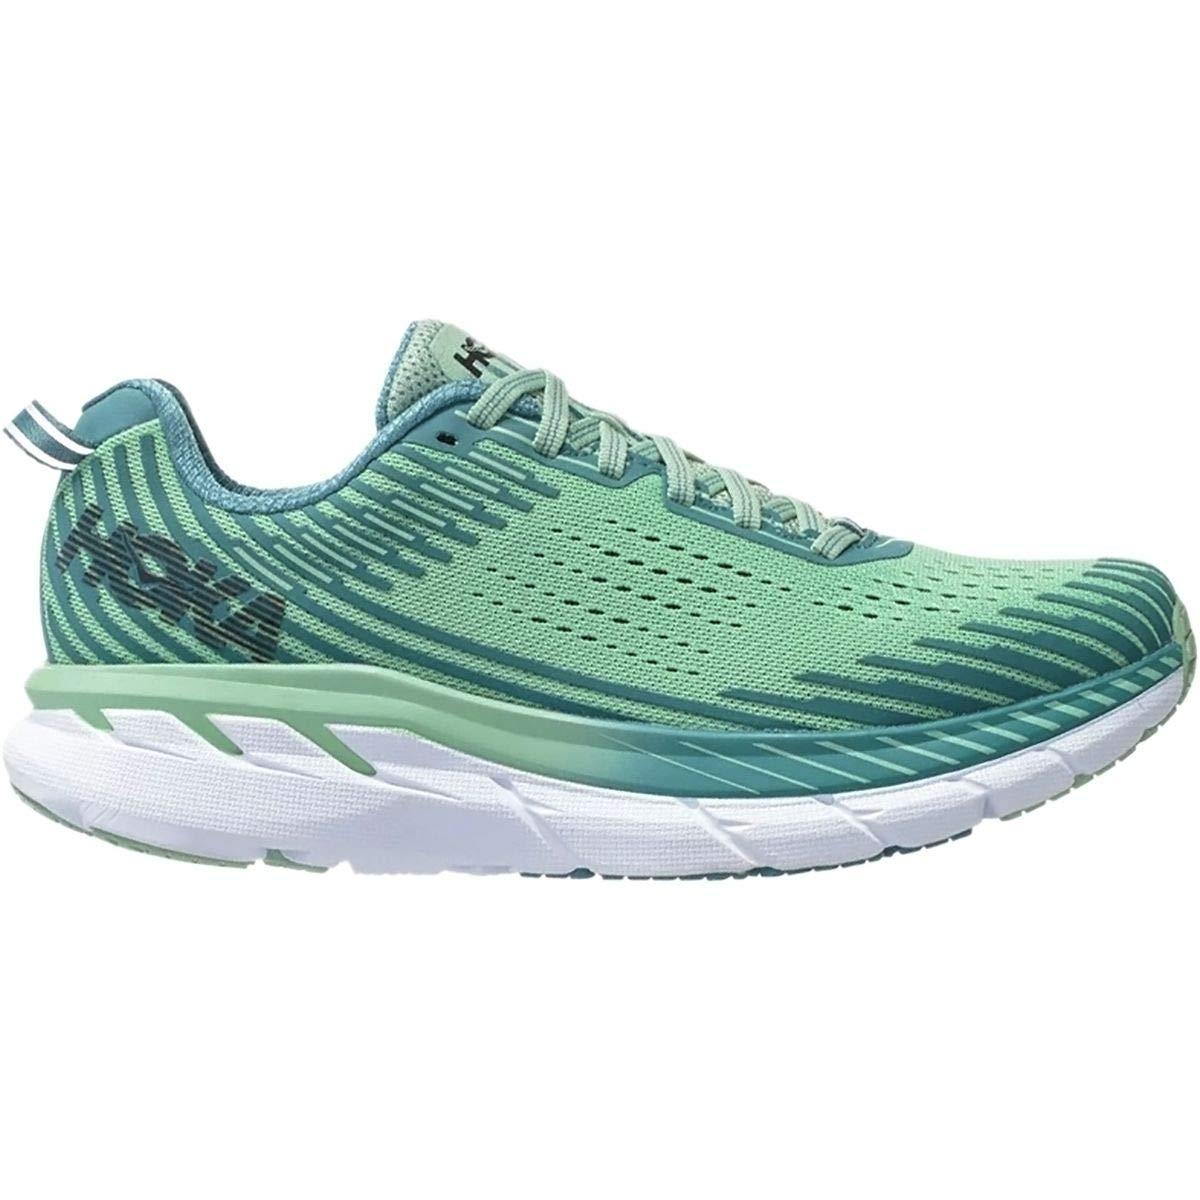 【ふるさと割】 [ホッカオネオネ] レディース ランニング Shoe Clifton Clifton 5 Running Shoe [並行輸入品] B07P25RN5P Running 7, ネイル&ファッション Fit One:6516837e --- doctor.officeporto.com